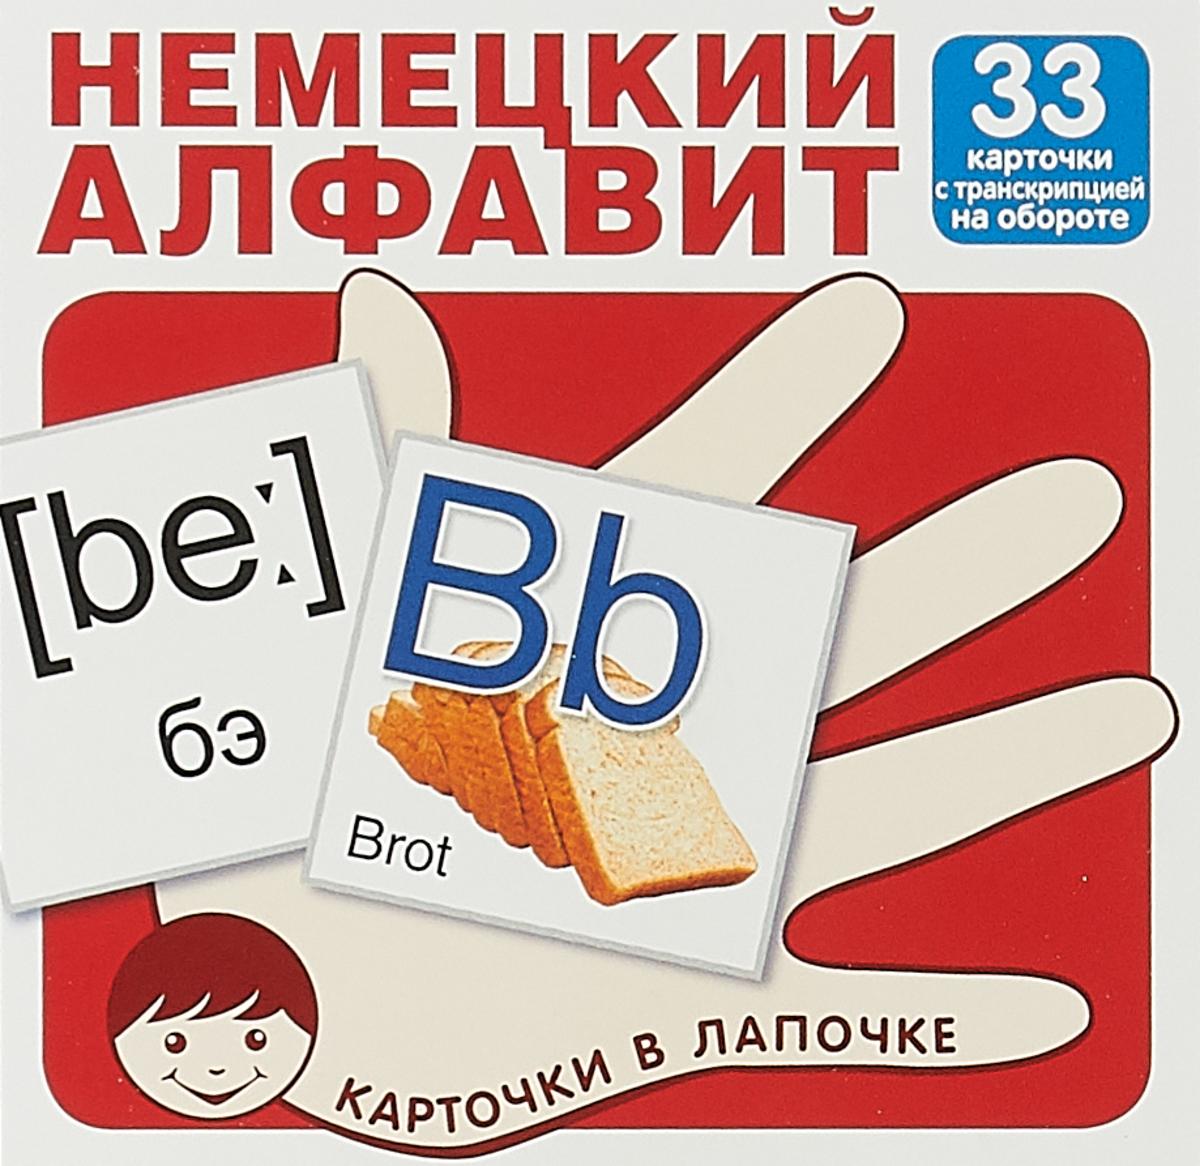 Немецкий алфавит (набор из 33 карточек) алфавит набор из 32 карточек